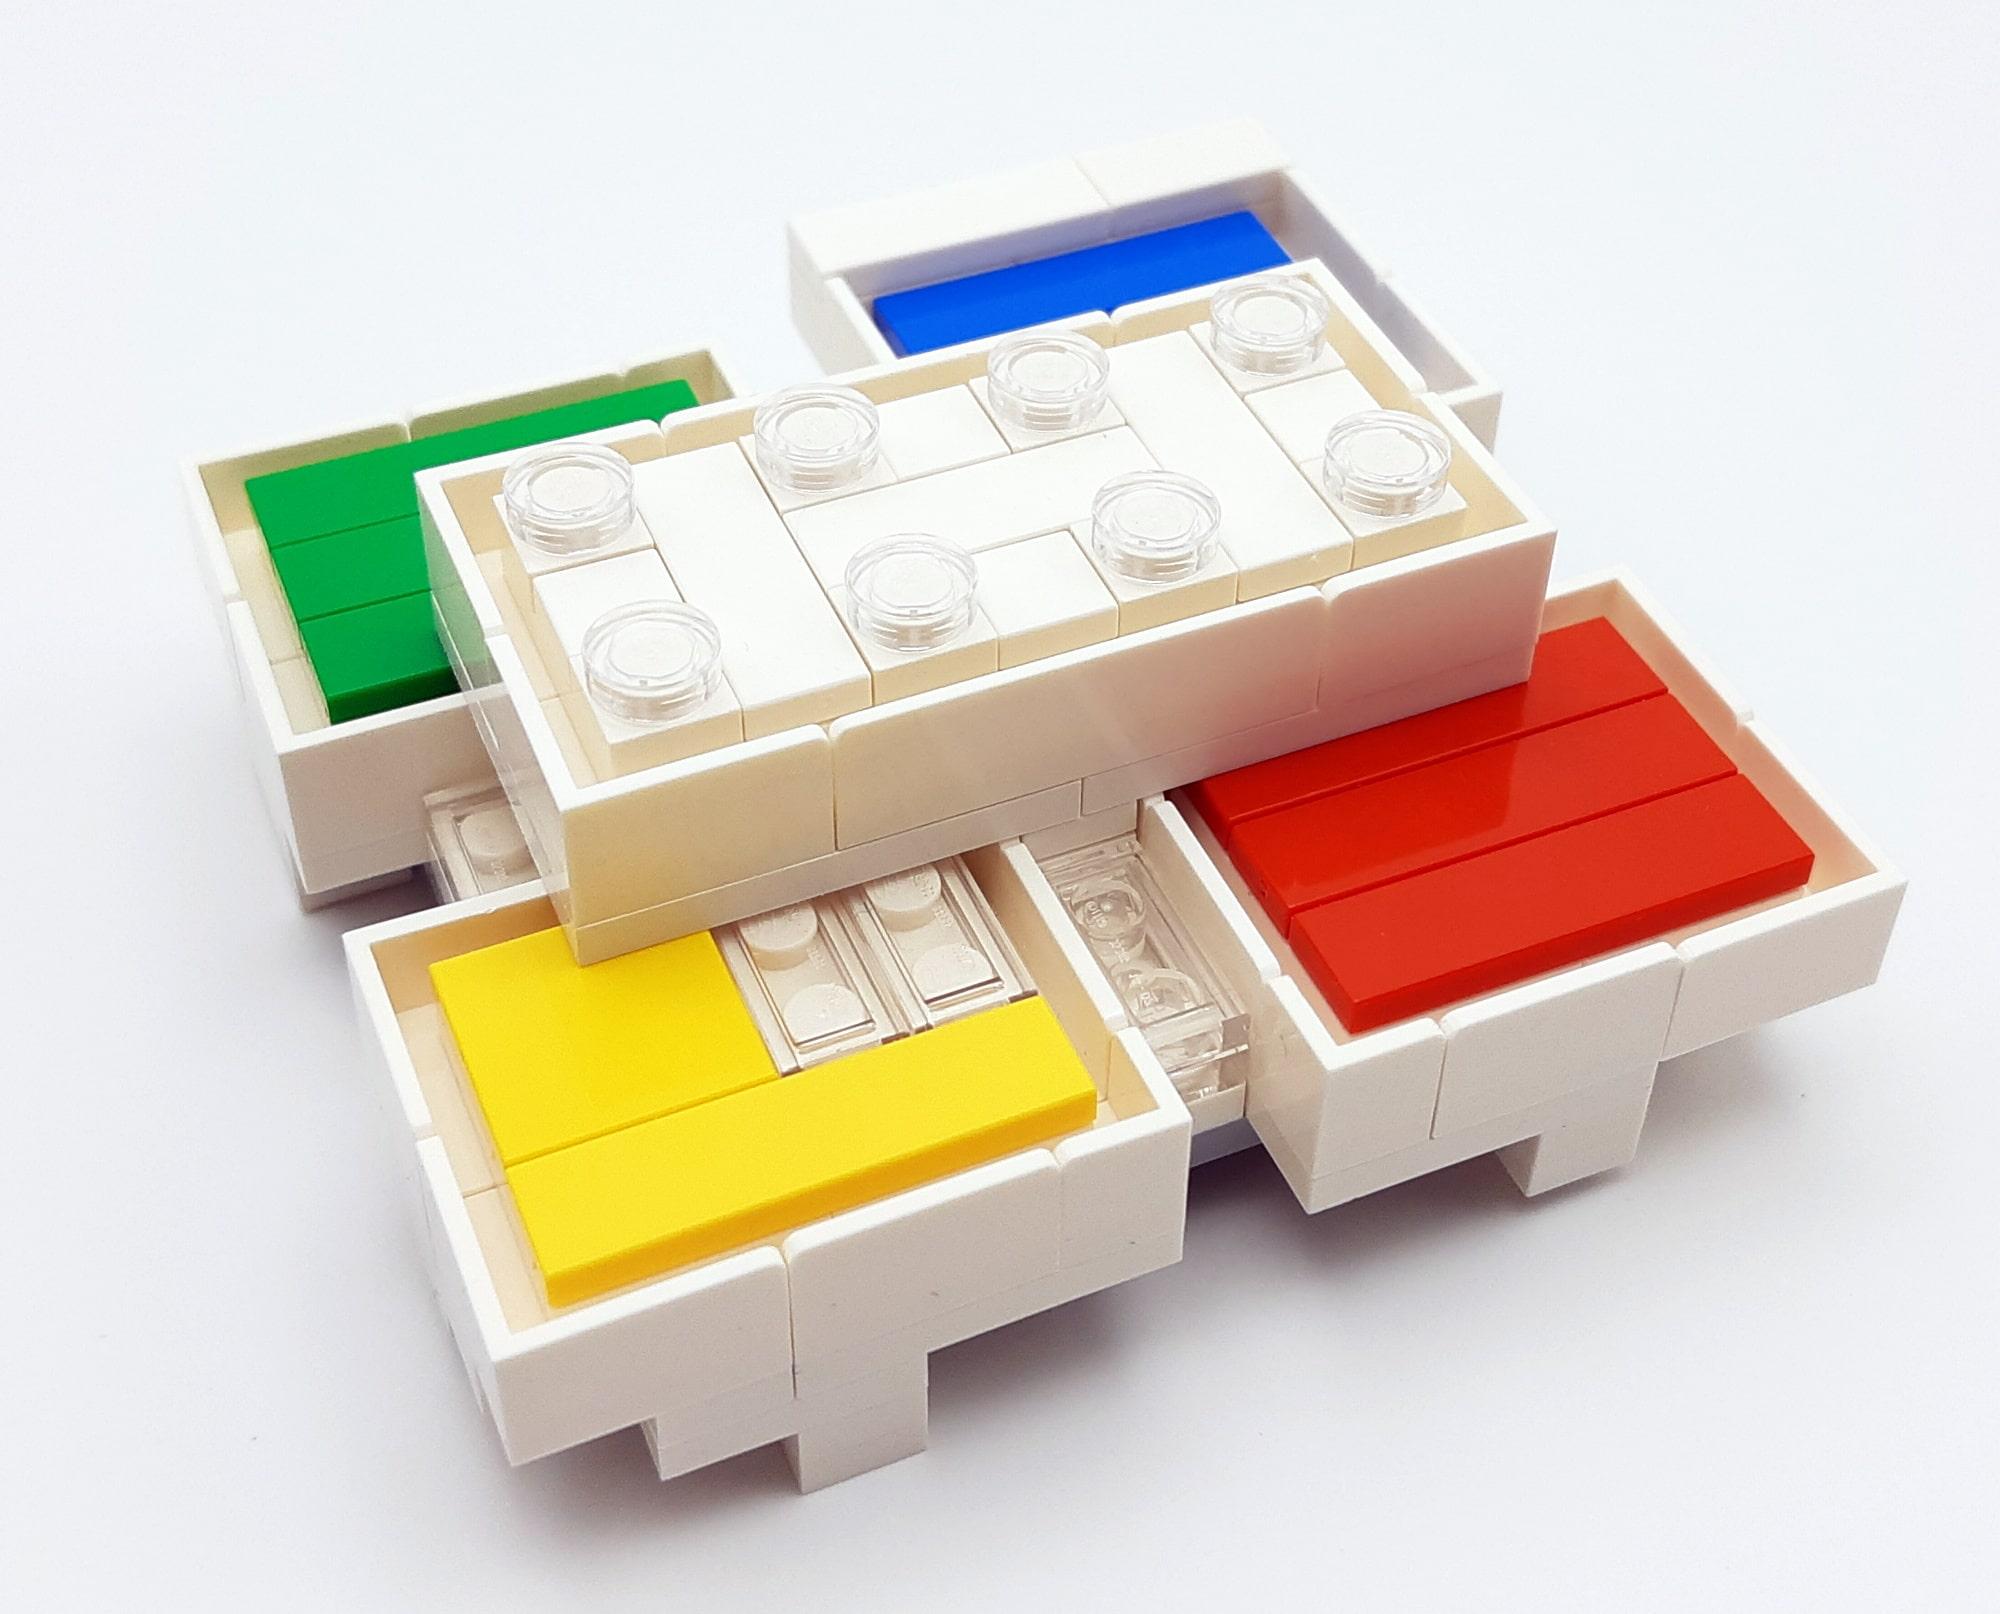 LEGO 21037 - LEGO House Baubschnitt erster und zweiter Stock